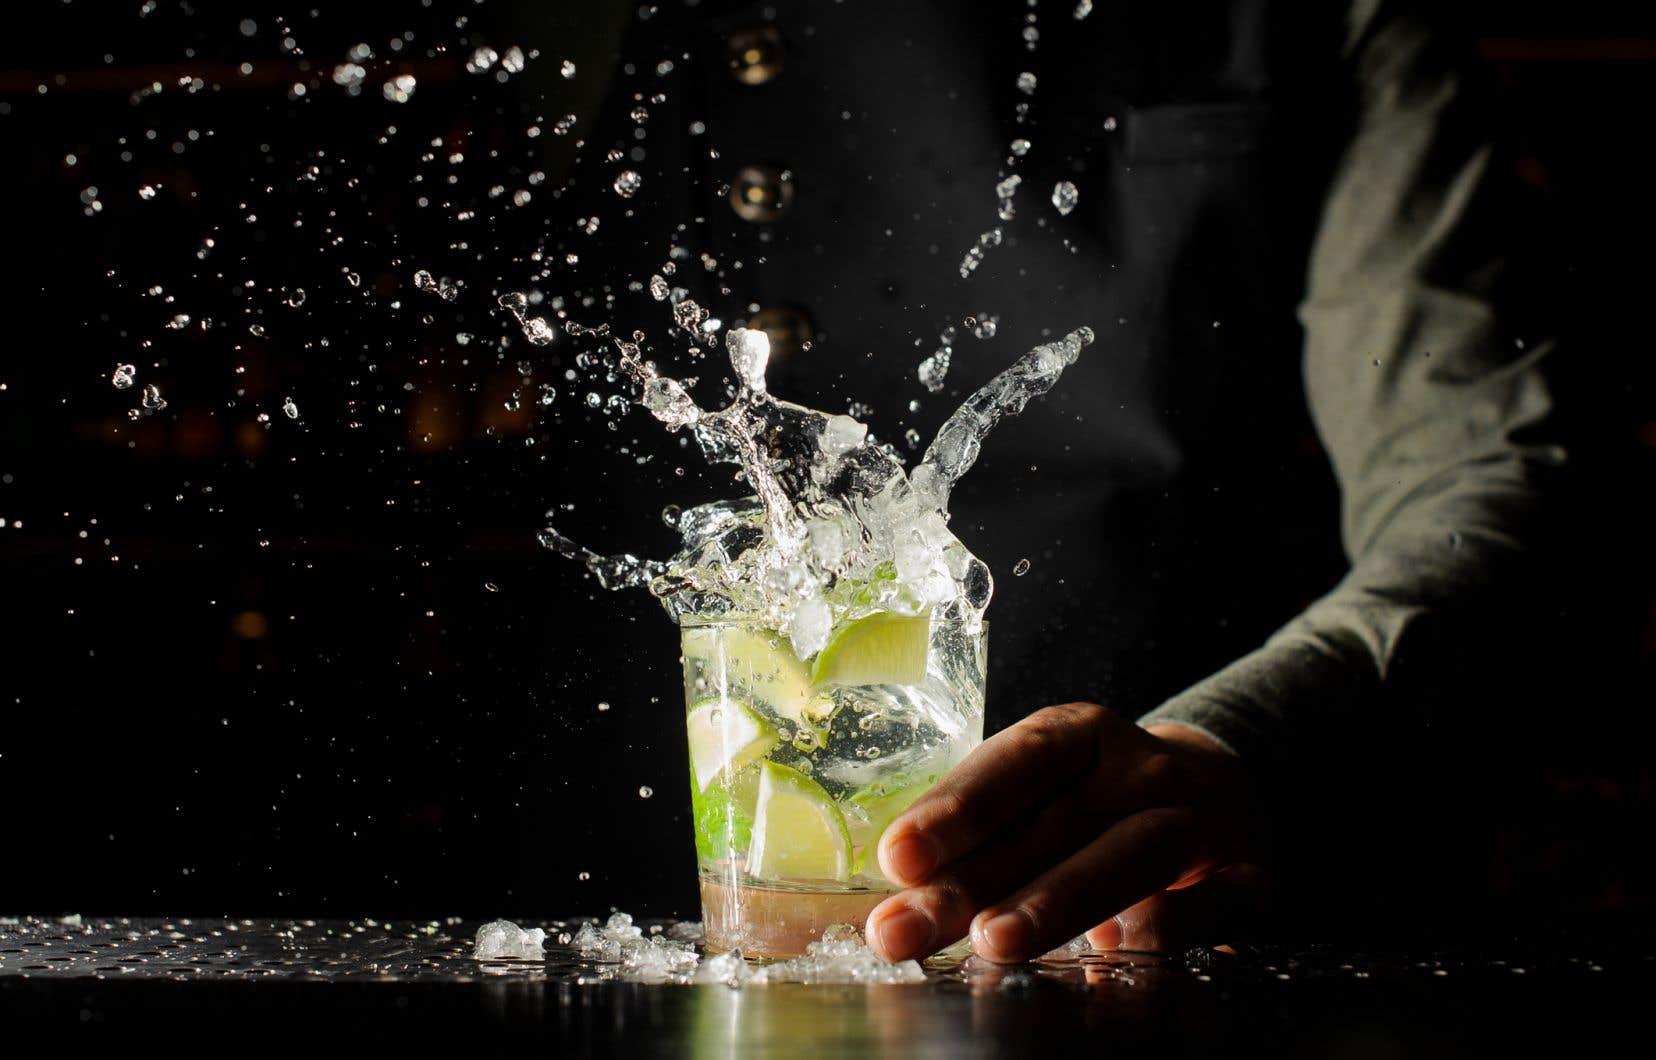 Que ce soit pour des raisons de santé ou simplement pour diminuer sa consommation d'alcool, de plus en plus de gens cherchent des options sans alcool lorsque vient le temps de prendre un verre.